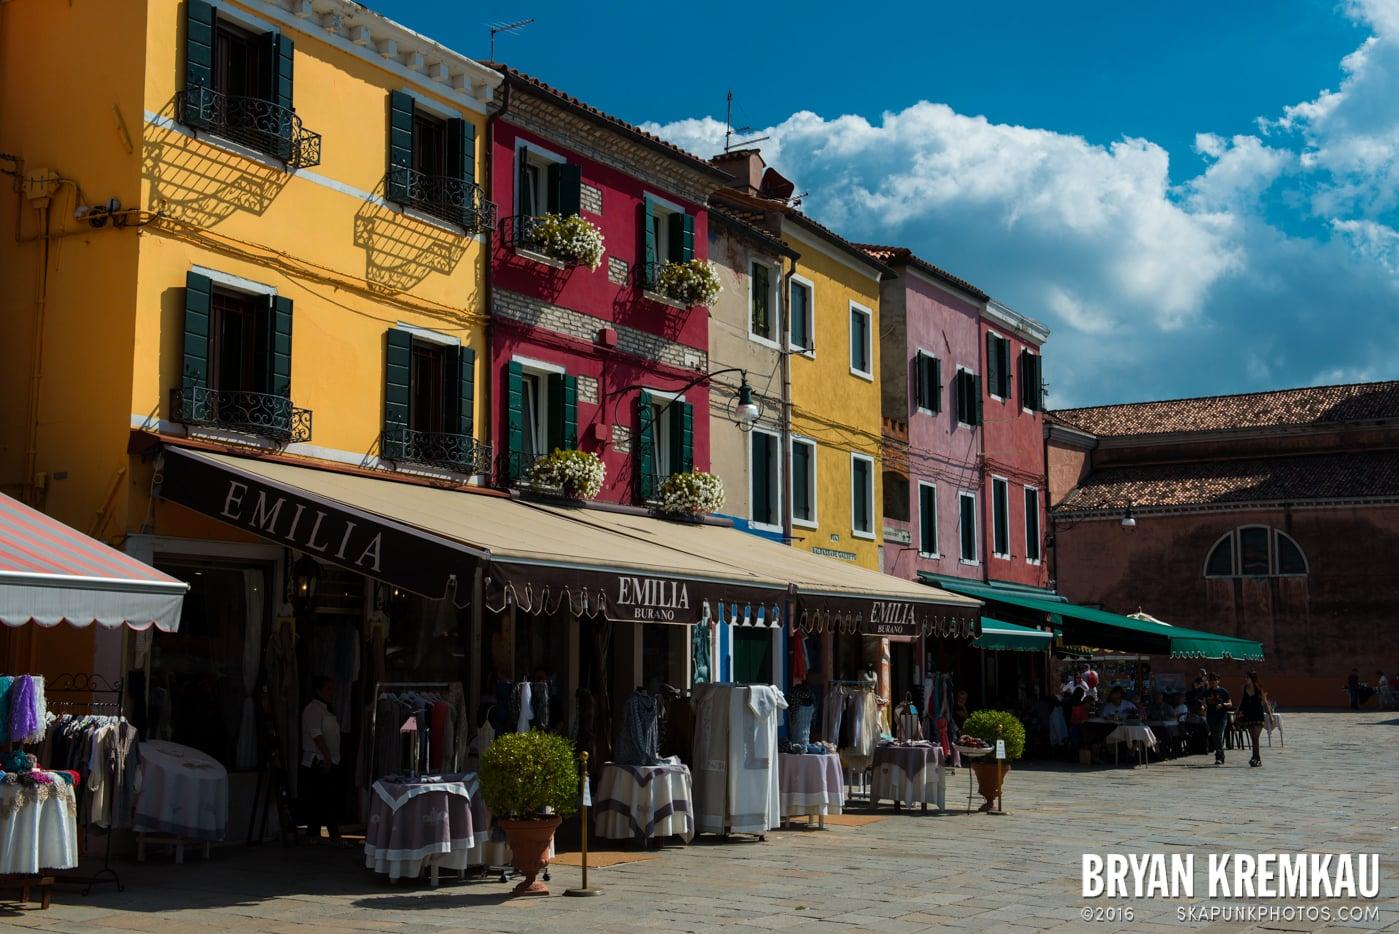 Italy Vacation - Day 6: Murano, Burano, Venice - 9.14.13 (63)